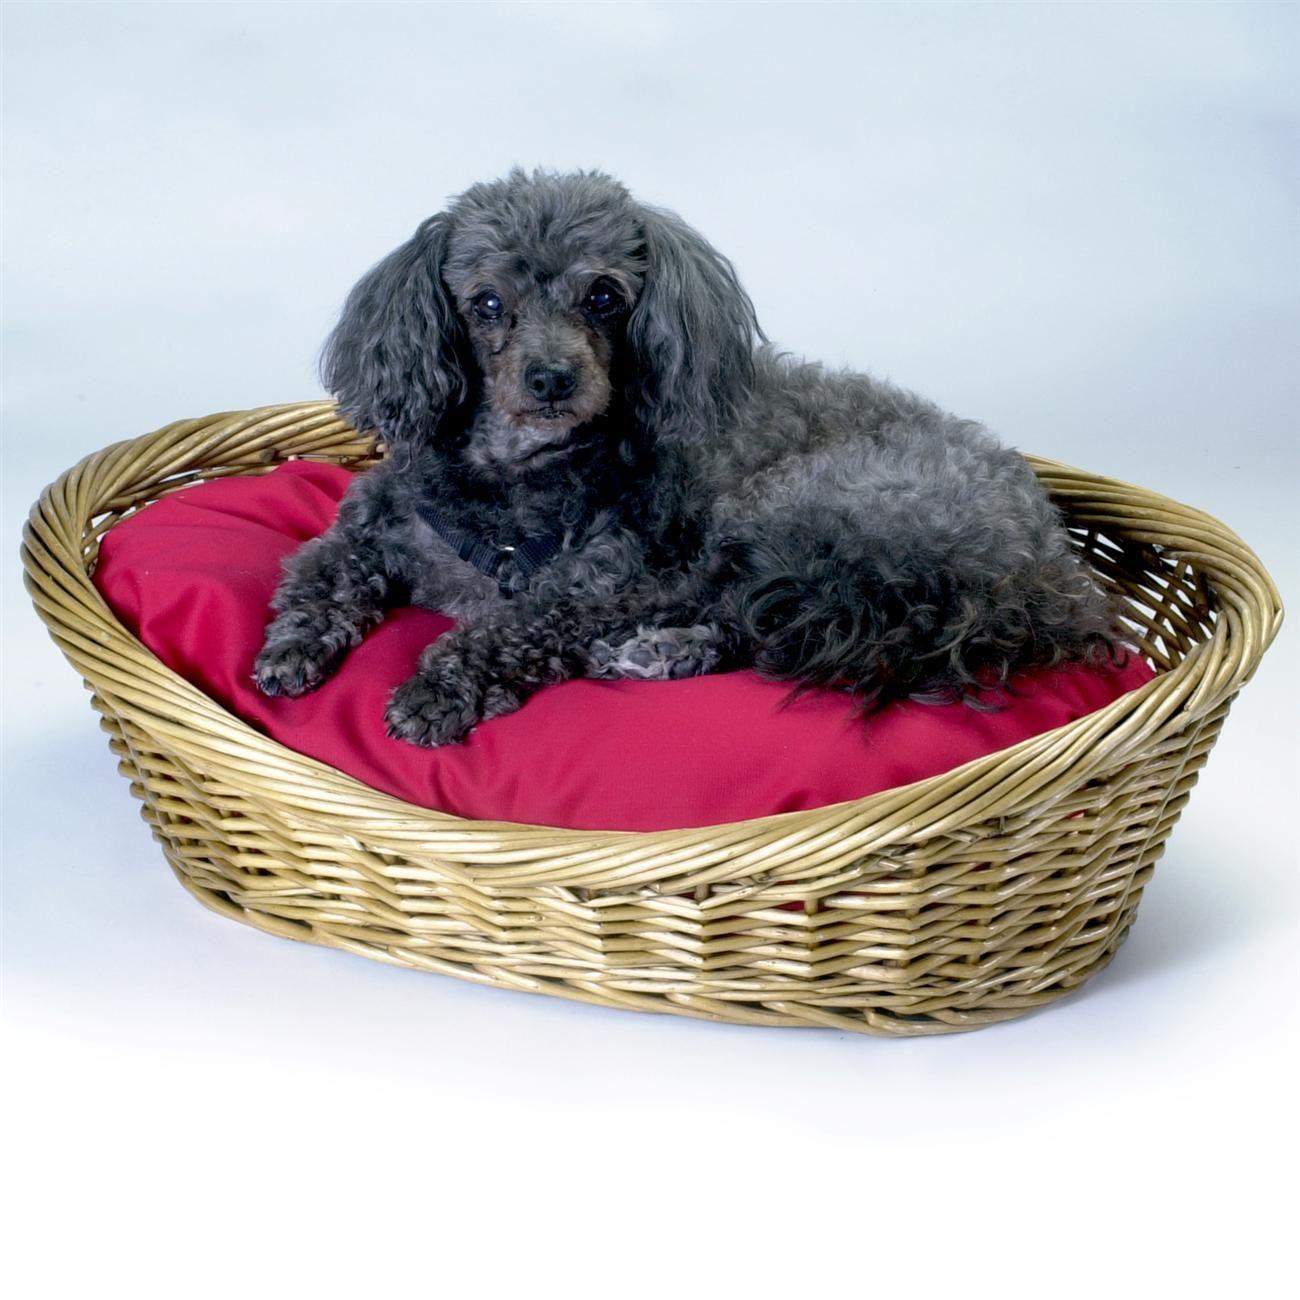 Wicker Dog Basket And Bed Dog basket, Pet beds, Basket